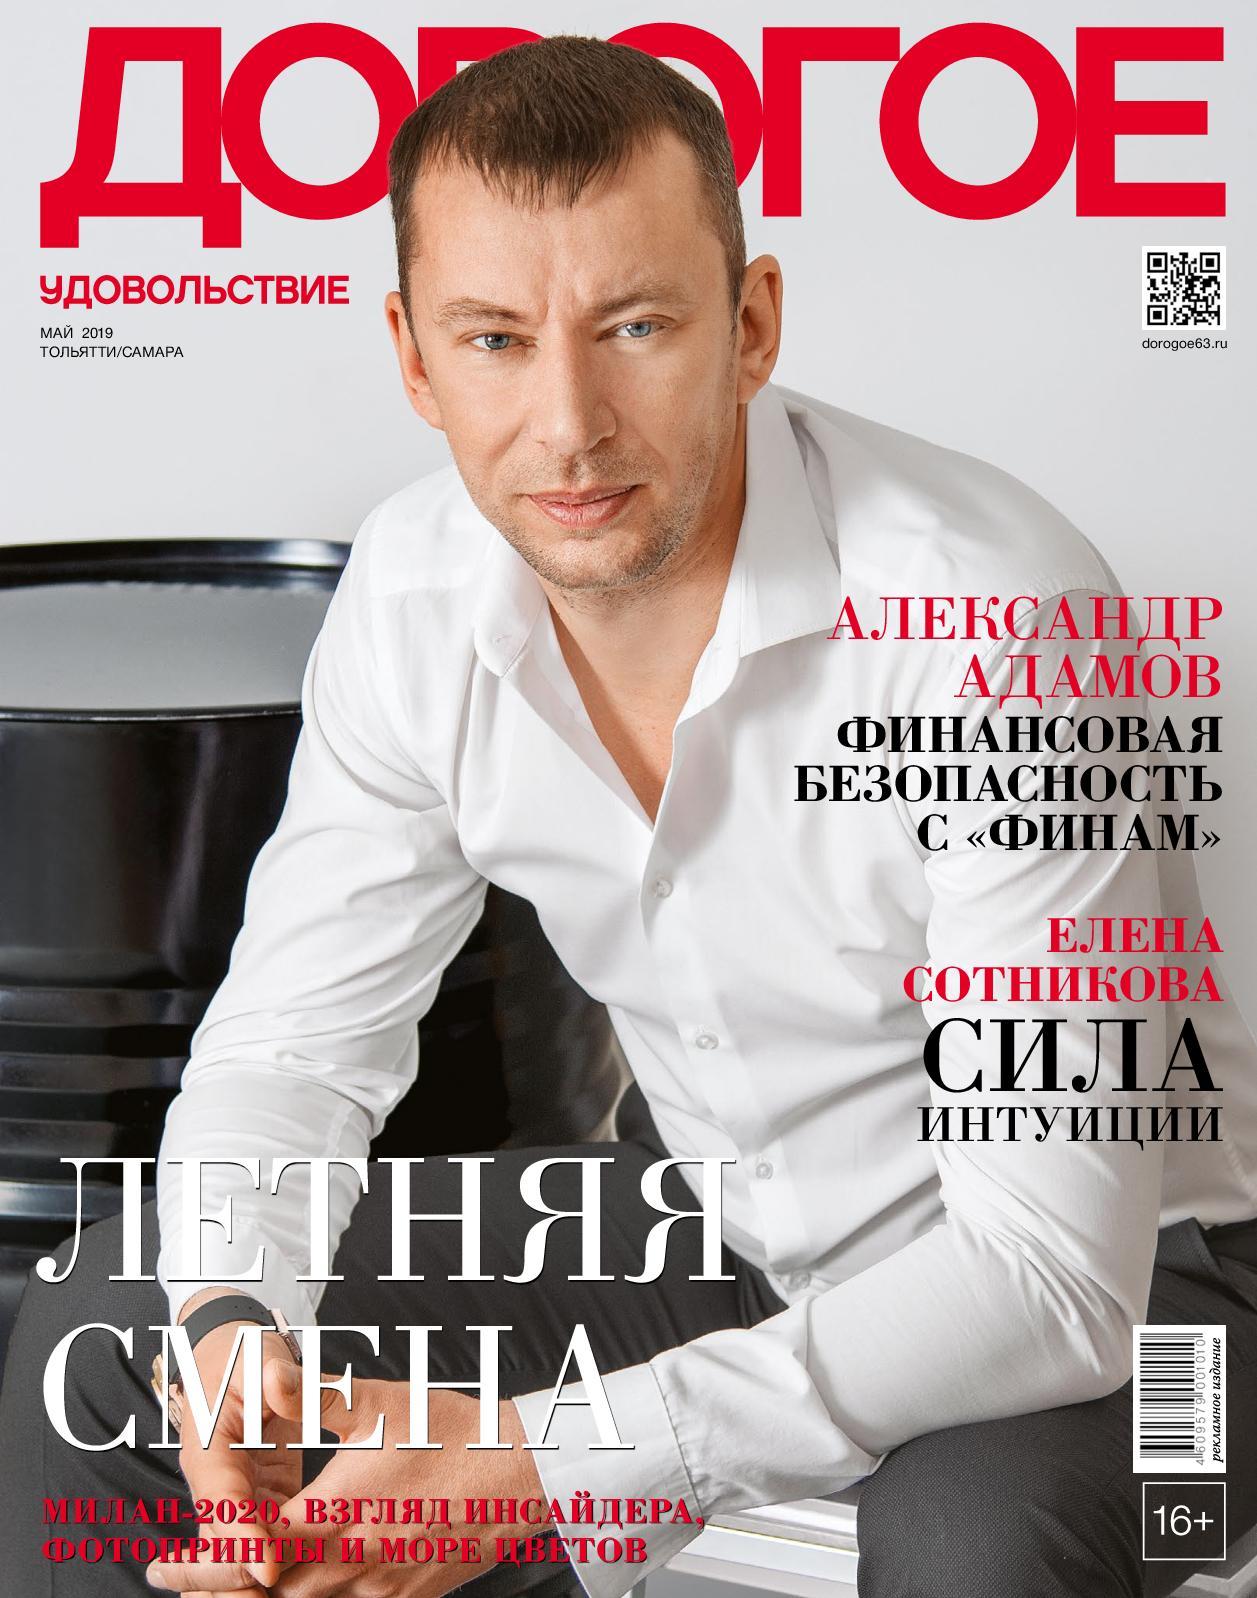 Журнал «Дорогое удовольствие – Тольятти/Самара» май 2019